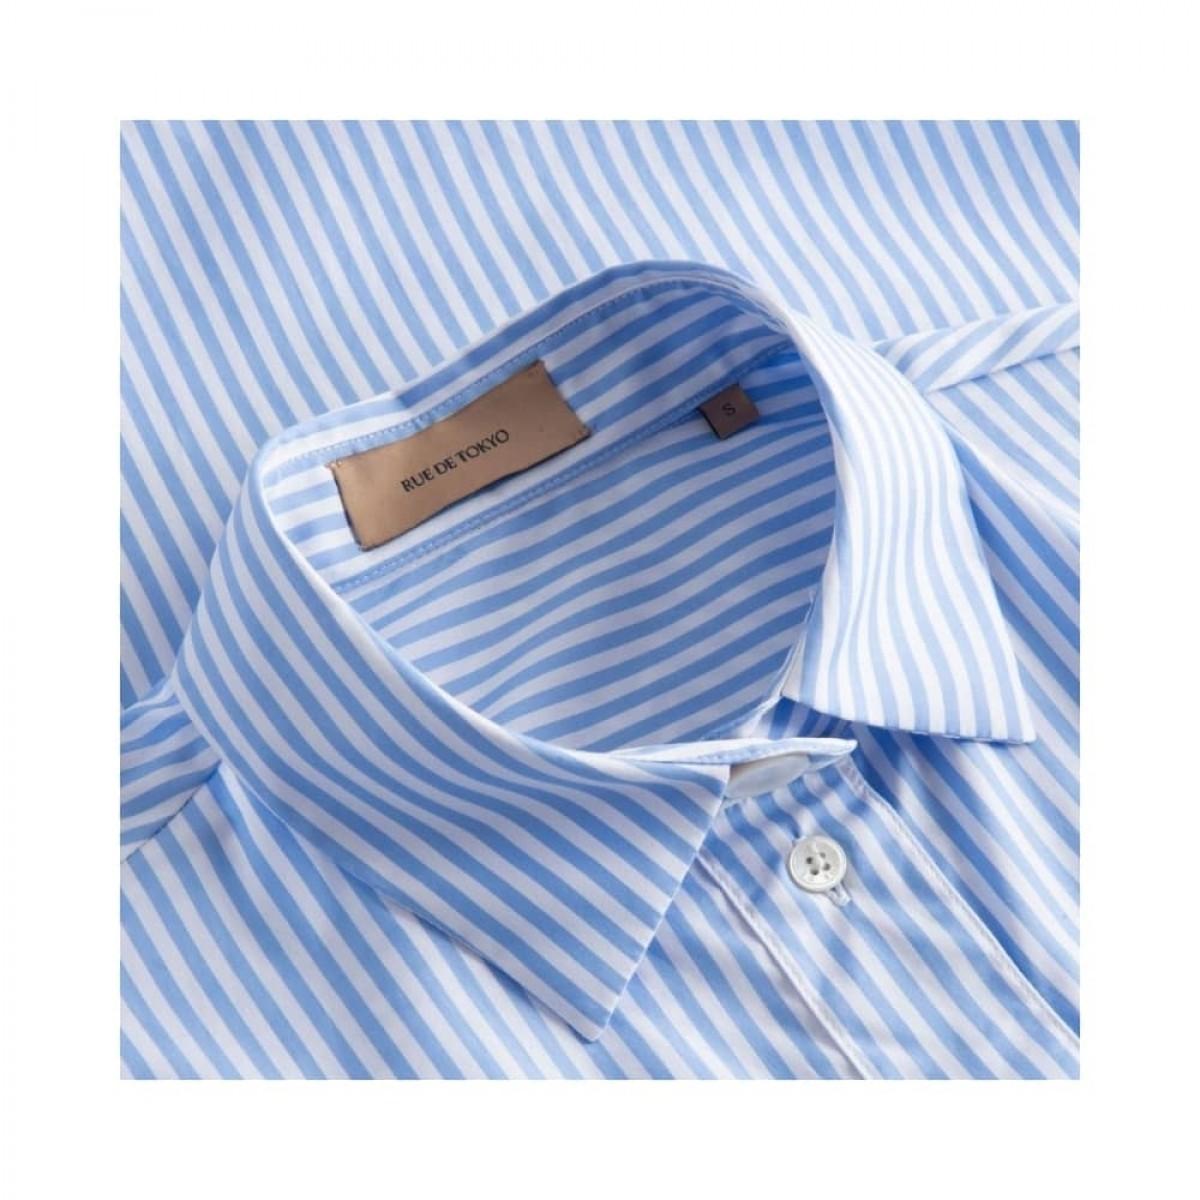 silje kort ærmet skjorte - light blue/white stripe - krave